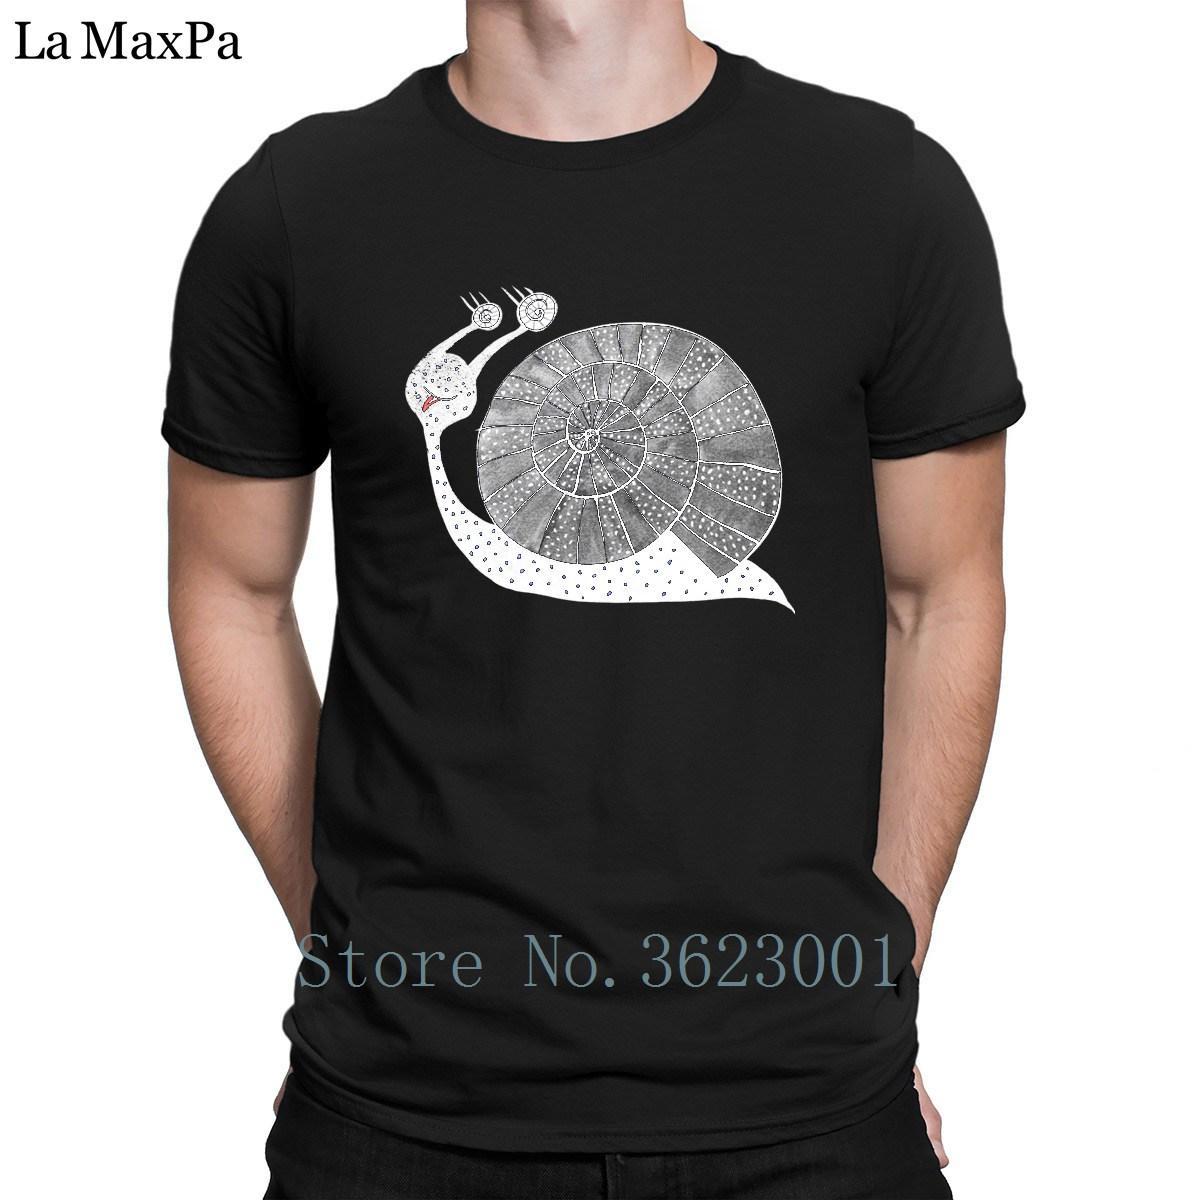 Personalizzate Tshirt Animato Lettere Uomo Cartone Acquista Lumaca wPkXTiuOZl